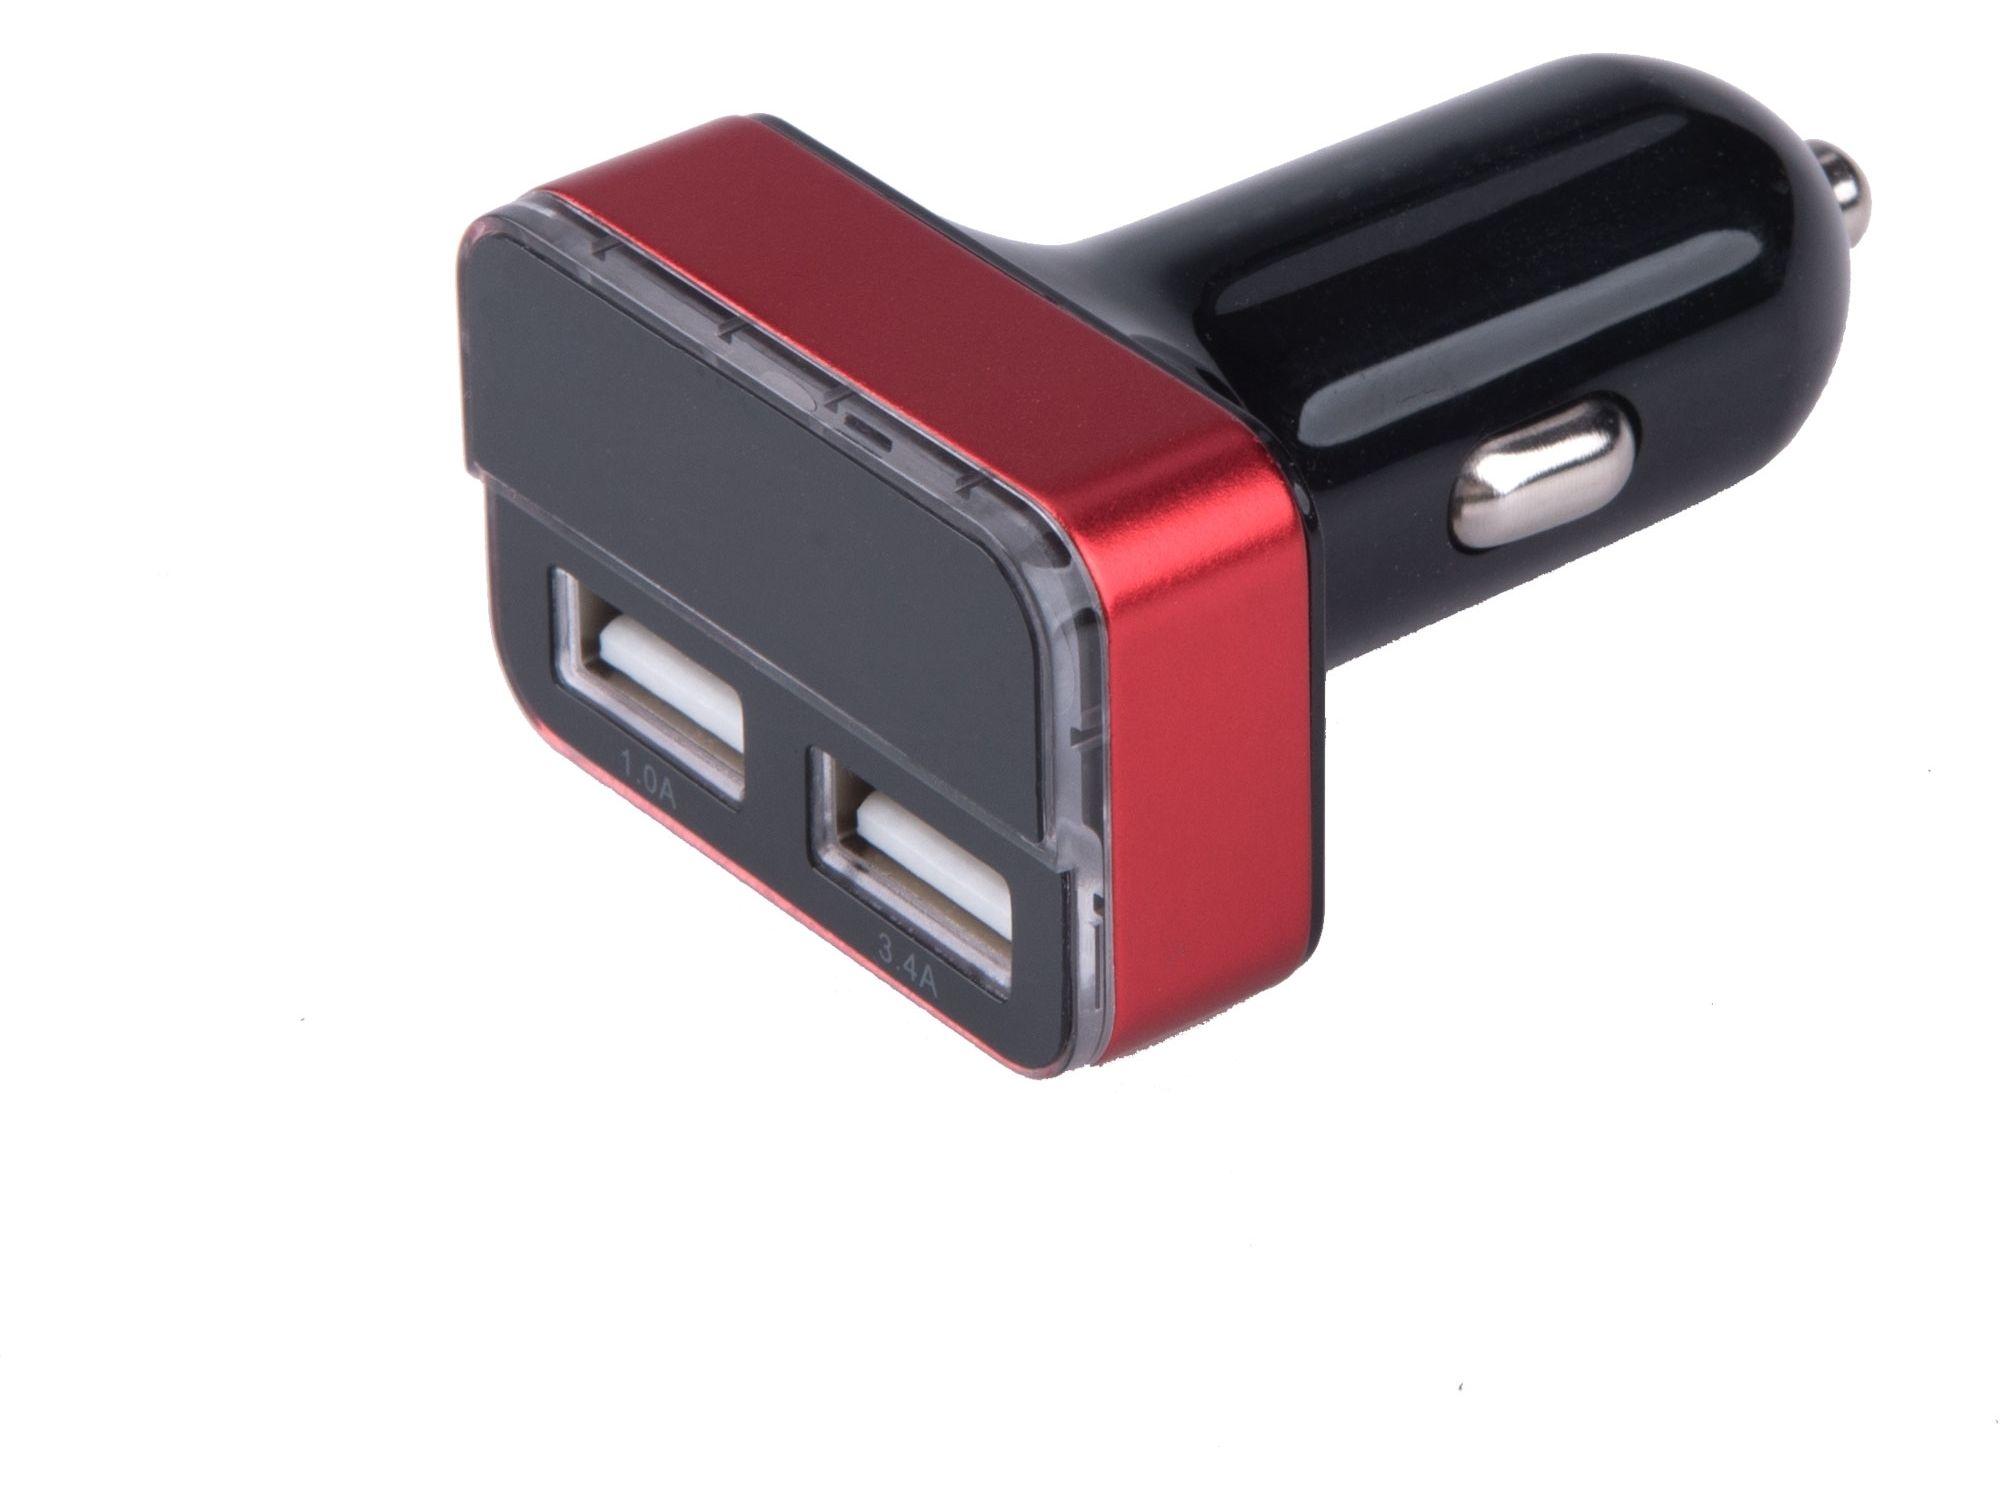 Nabíječka USB do auta, 12/24V, 2xUSB, měřič, 3,4A, 17W EXTOL-LIGHT